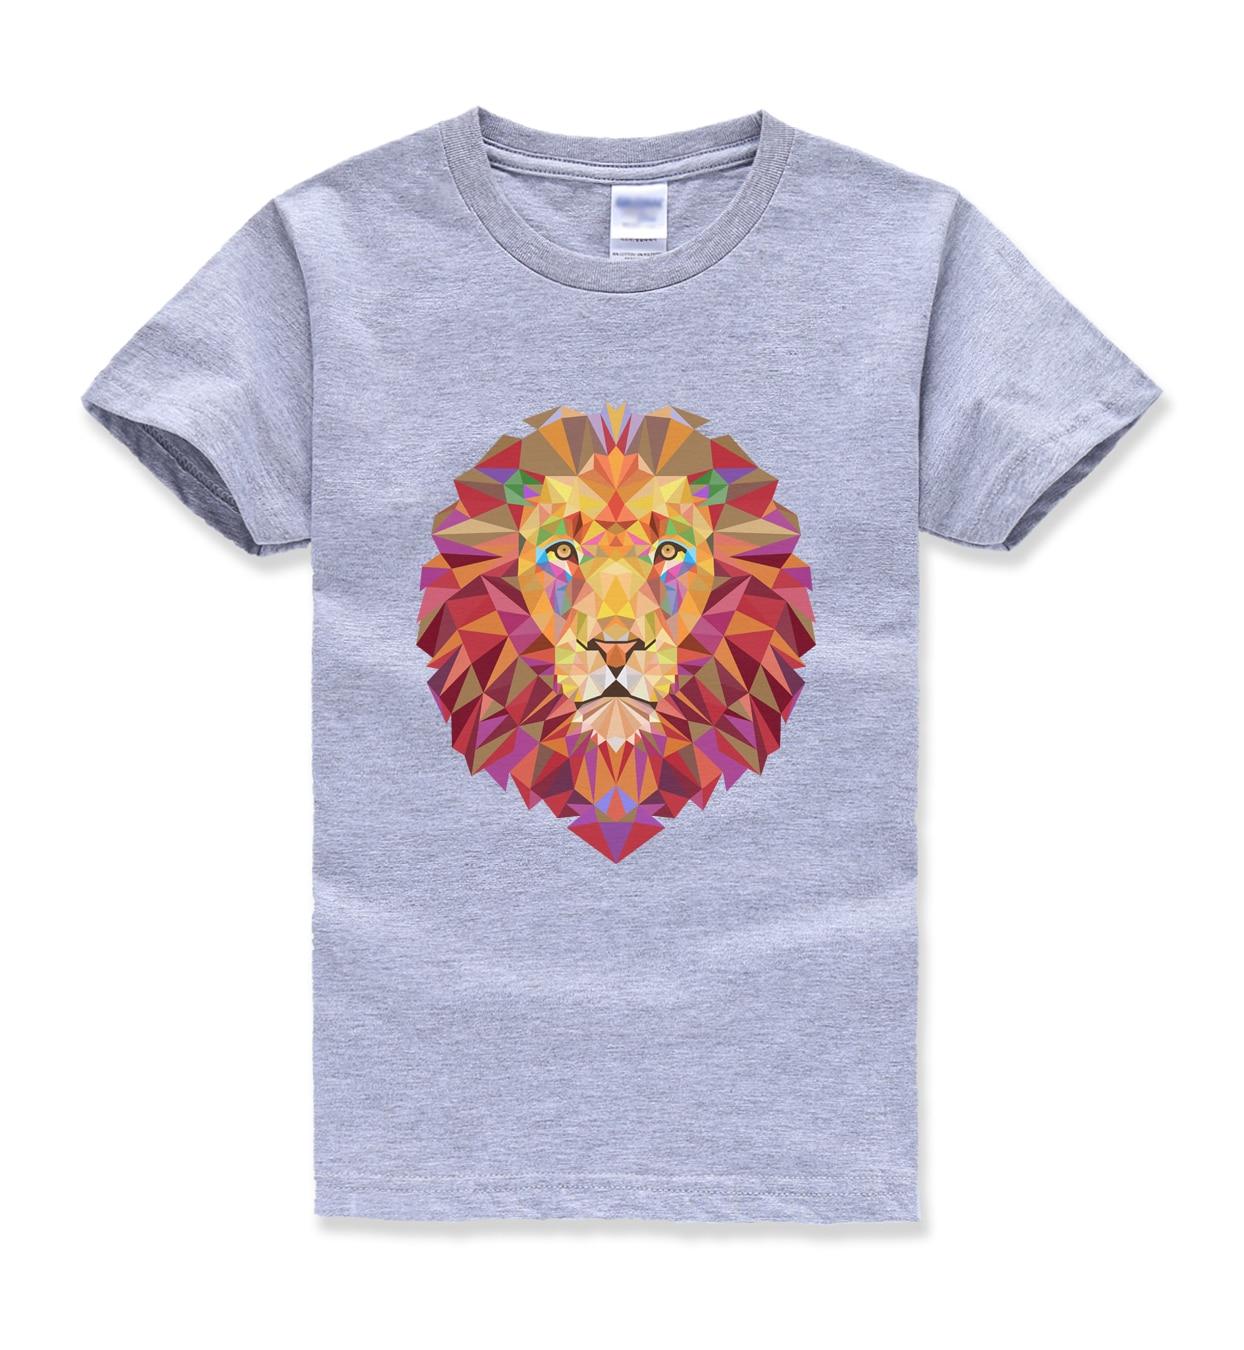 2018 Летний Новый модный бренд hipster футболка уличная топы для детей Смешные Симпатичные животные homme Футболки детская одежда для мальчиков mma